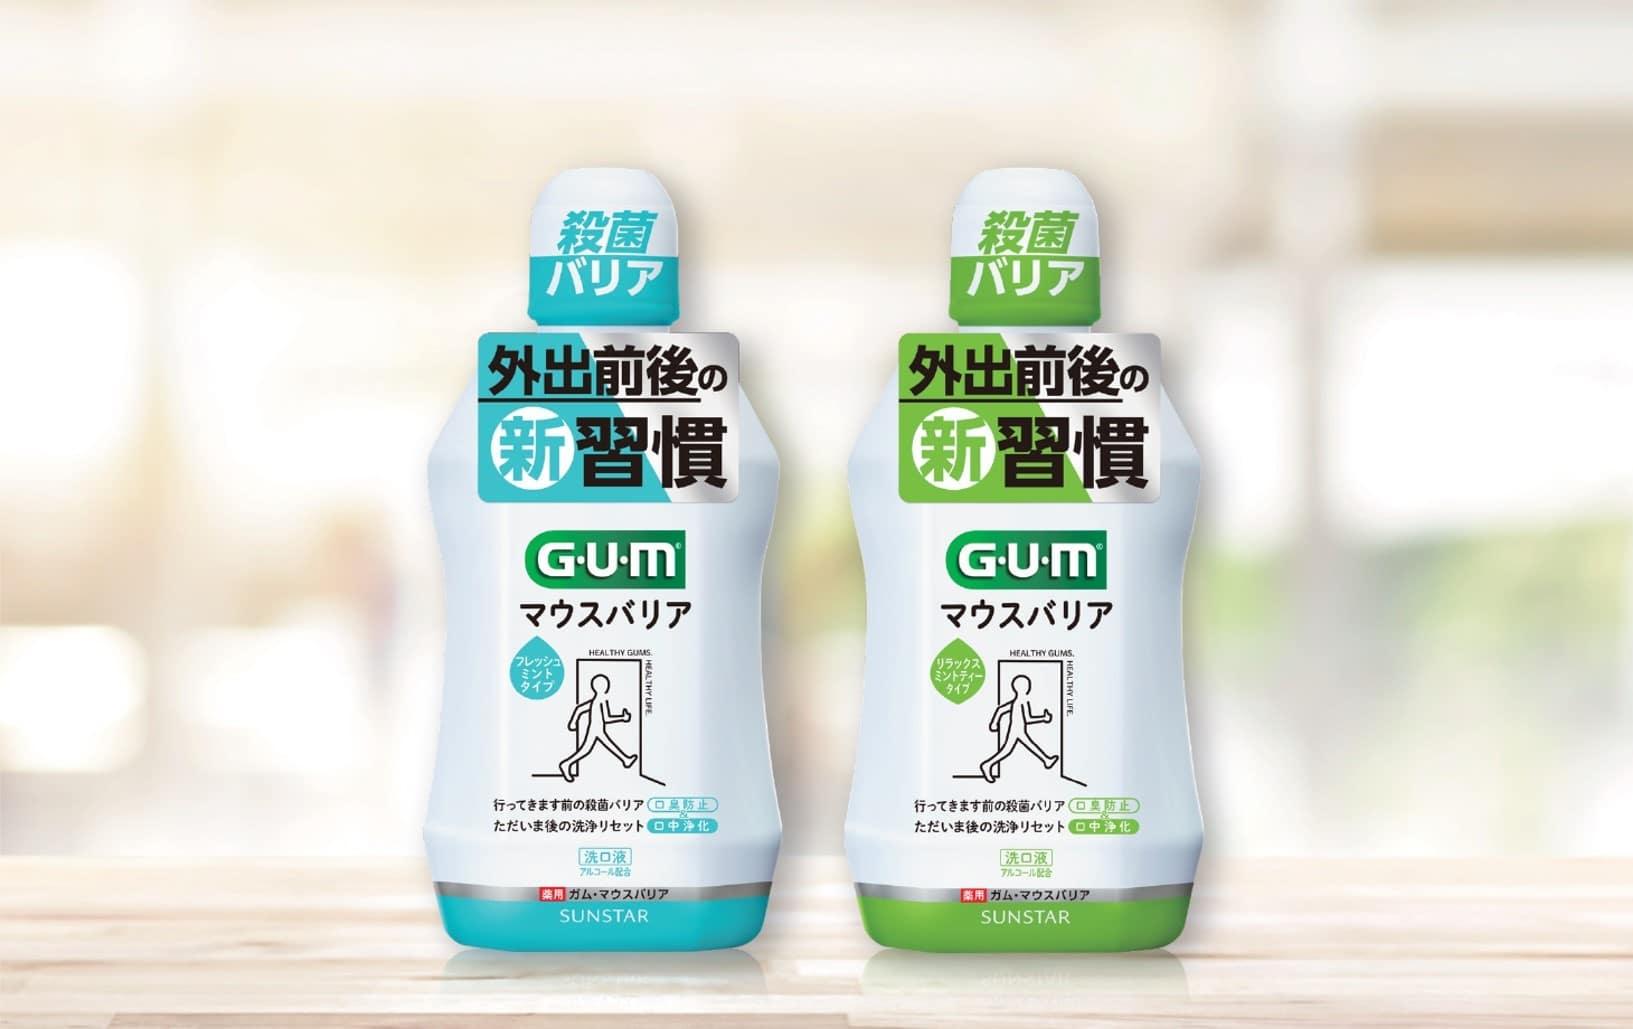 <sup>~外出前後の新習慣提案で世界15カ国中最下位である日本の洗口液使用率向上へ~</sup><br>殺菌バリアと洗浄リセットで口臭を防ぎ、お口を清潔に「ガム・マウスバリア」 10月6日(水) 新発売